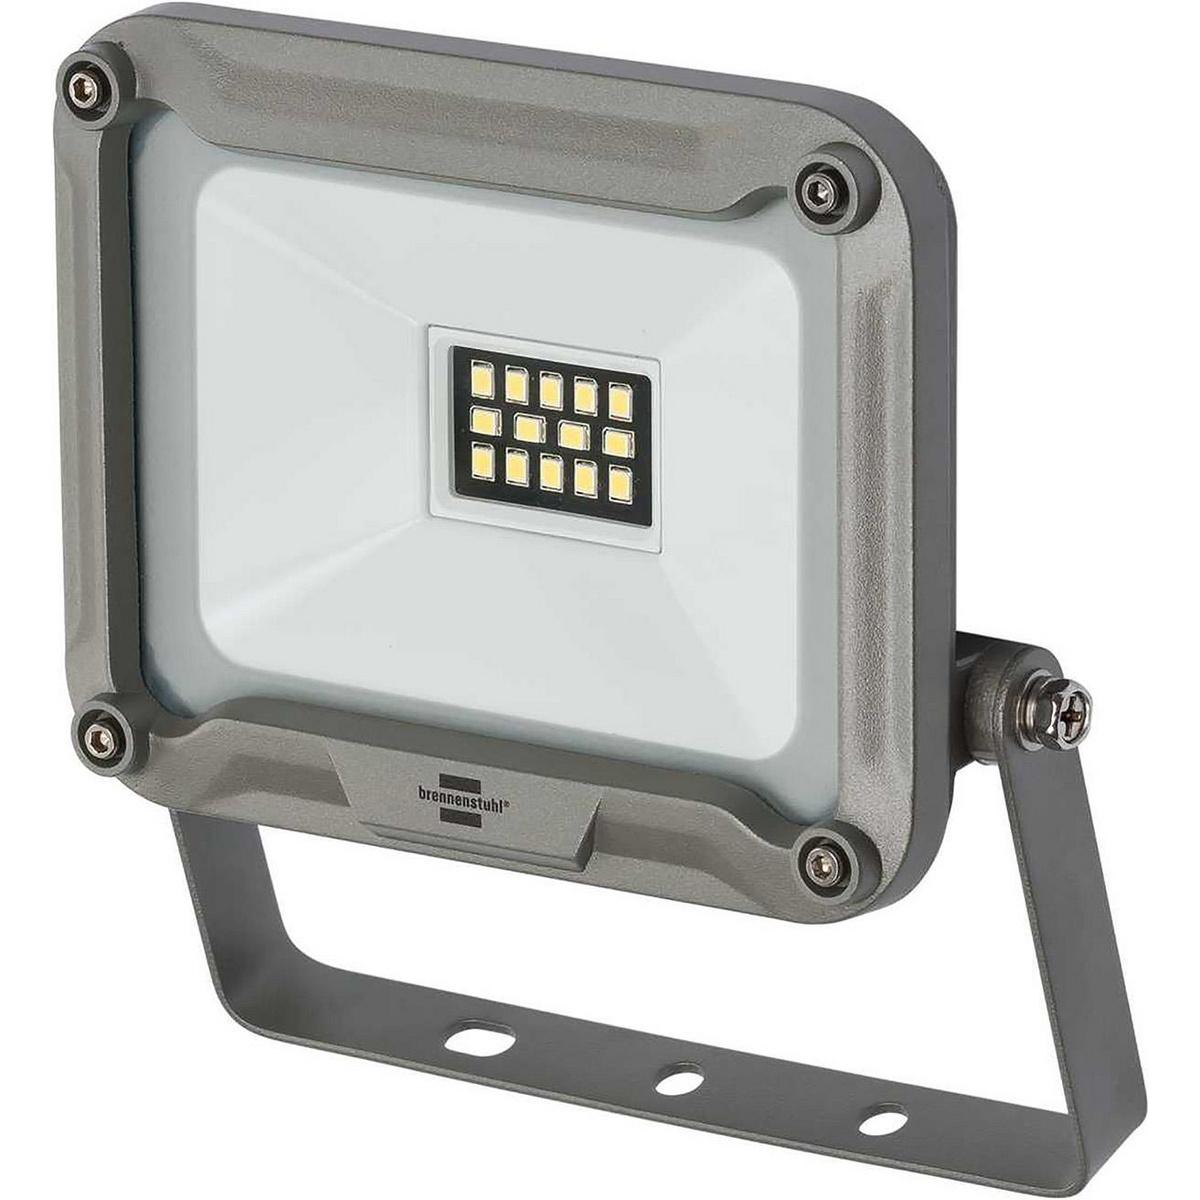 Luce a LED con LED SMD Everlight extra luminosi. Montaggio intuitivo grazie al terminale di collegamento esterno a tenuta stagna. Con vetro di sicurezza. Alloggiamento in alluminio solido e moderno. Staffa di montaggio regolabile per il montaggio. In conf